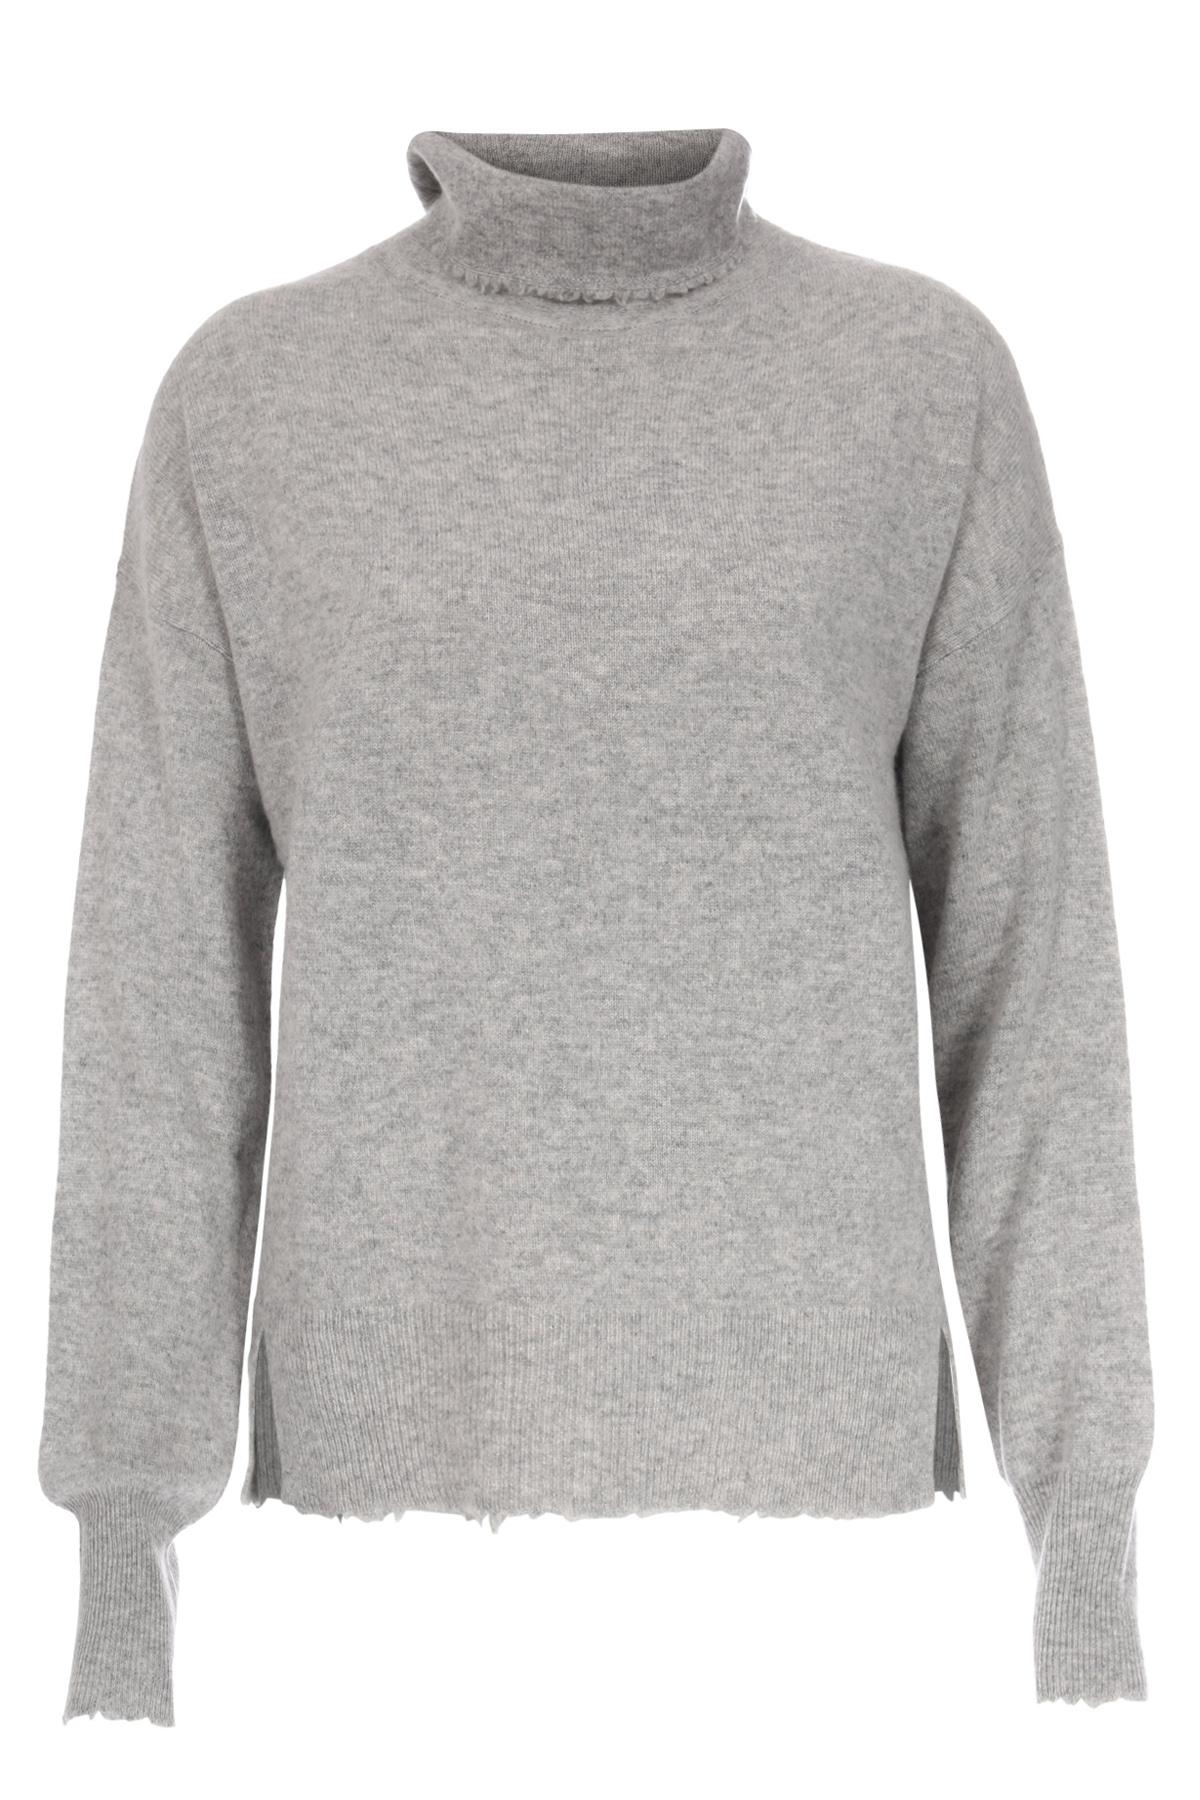 pullover aus cashmere mit rollkragen grey melange von bloom bei cashmere. Black Bedroom Furniture Sets. Home Design Ideas